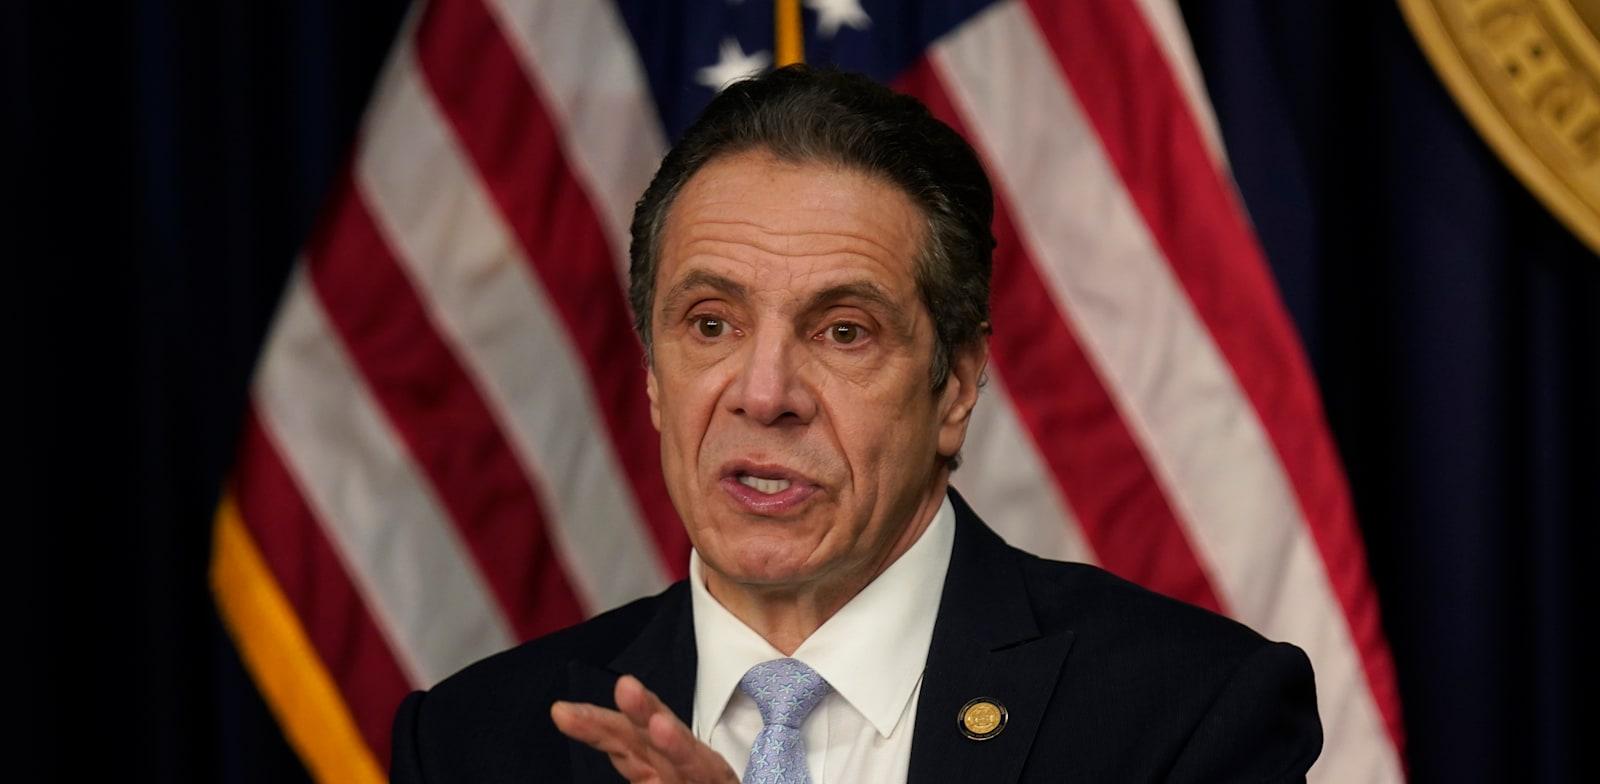 אנדרו קואומו, מושל מדינת ניו יורק / צילום: Associated Press, Seth Wenig